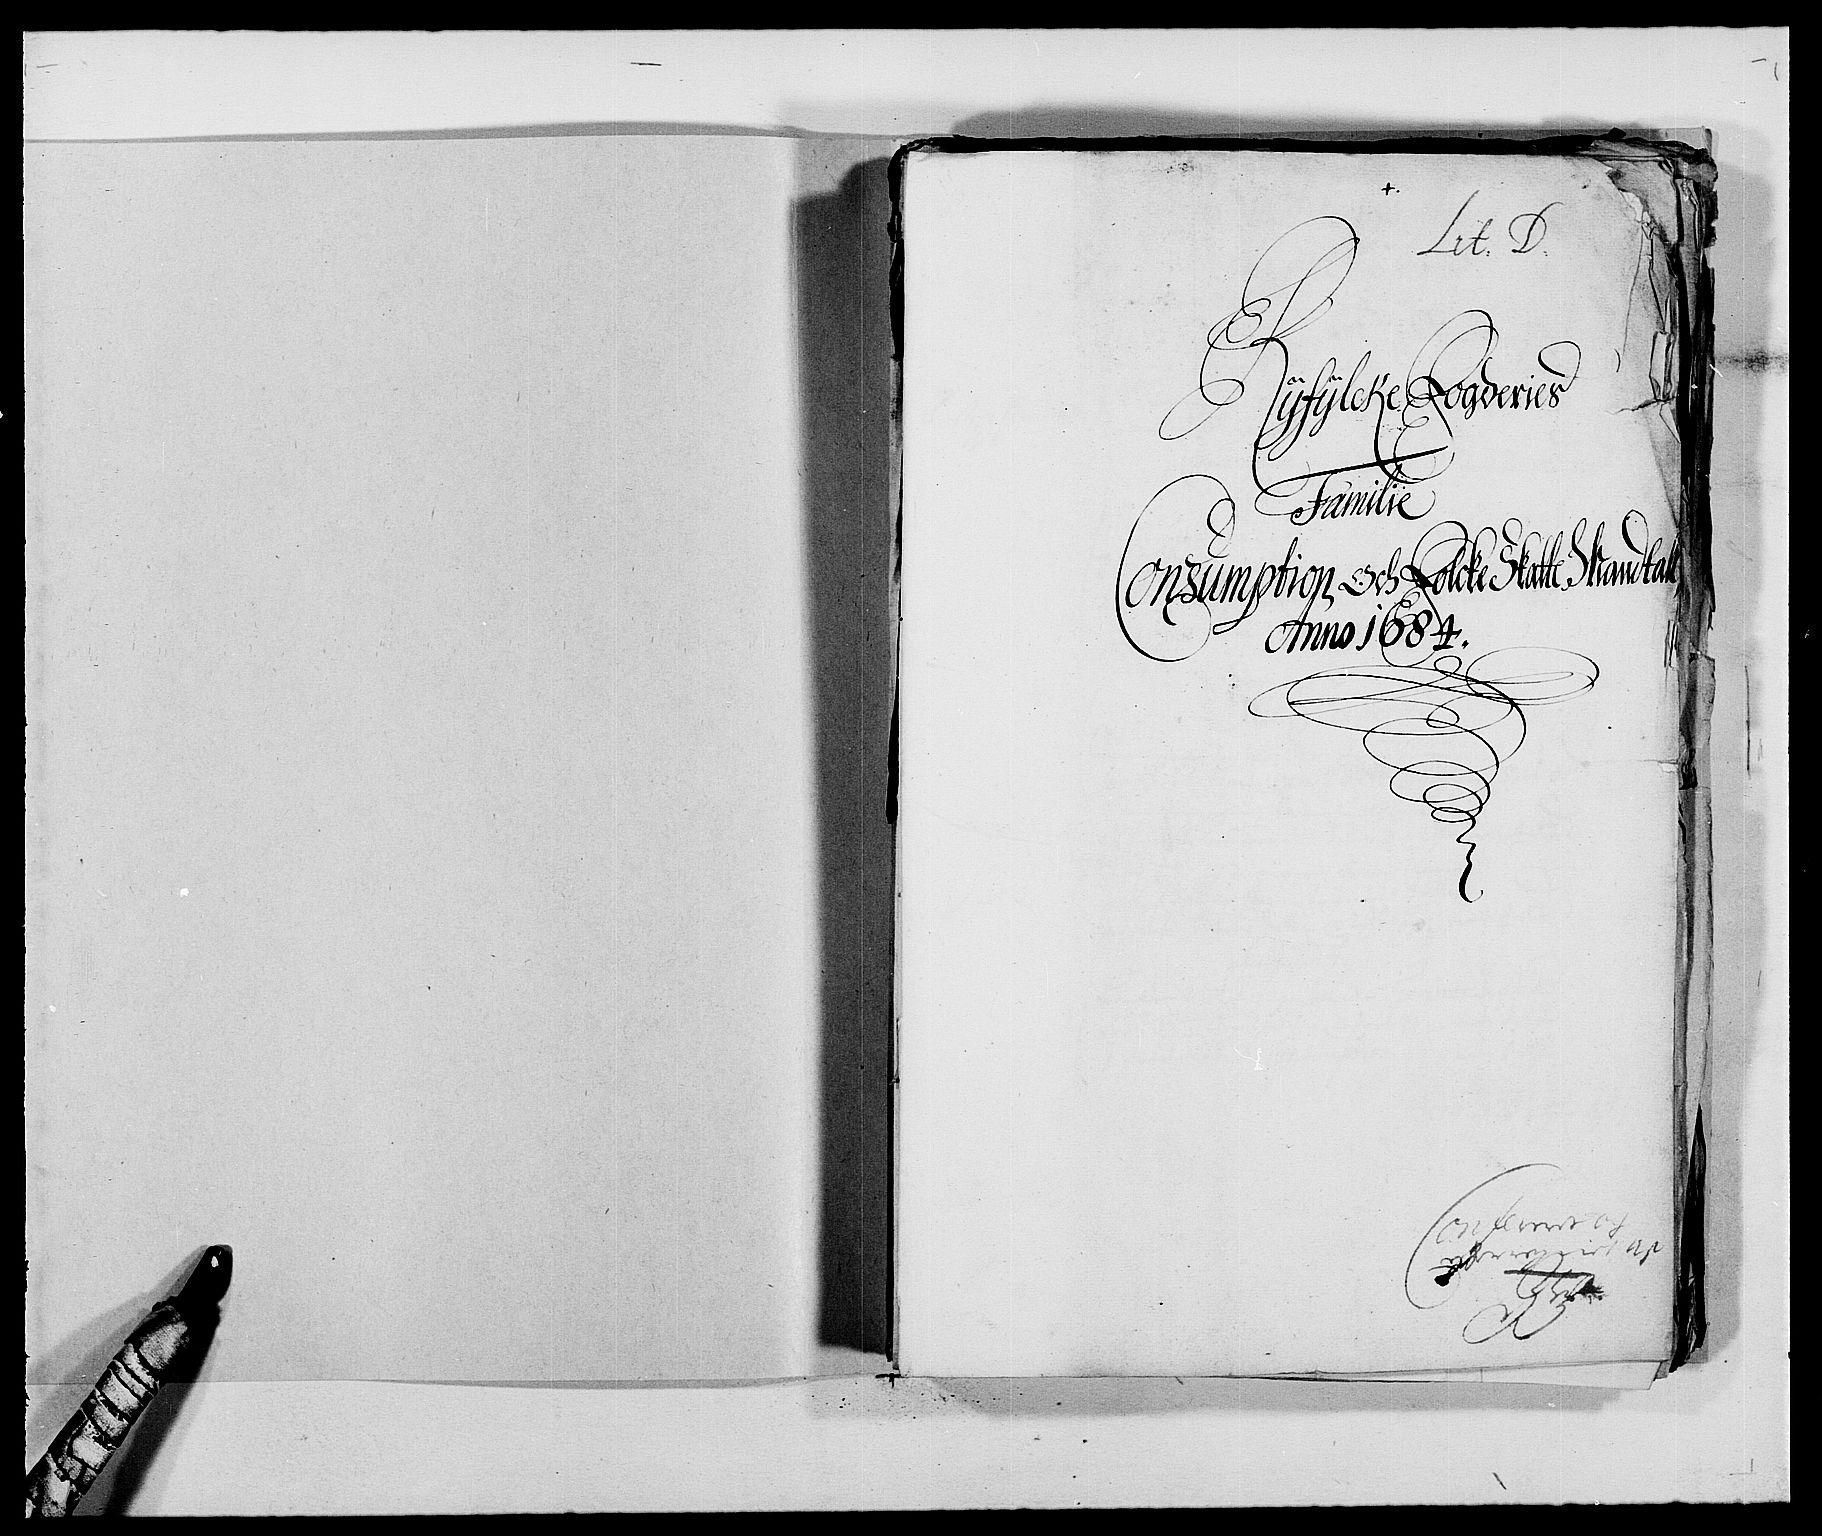 RA, Rentekammeret inntil 1814, Reviderte regnskaper, Fogderegnskap, R47/L2854: Fogderegnskap Ryfylke, 1684, s. 211